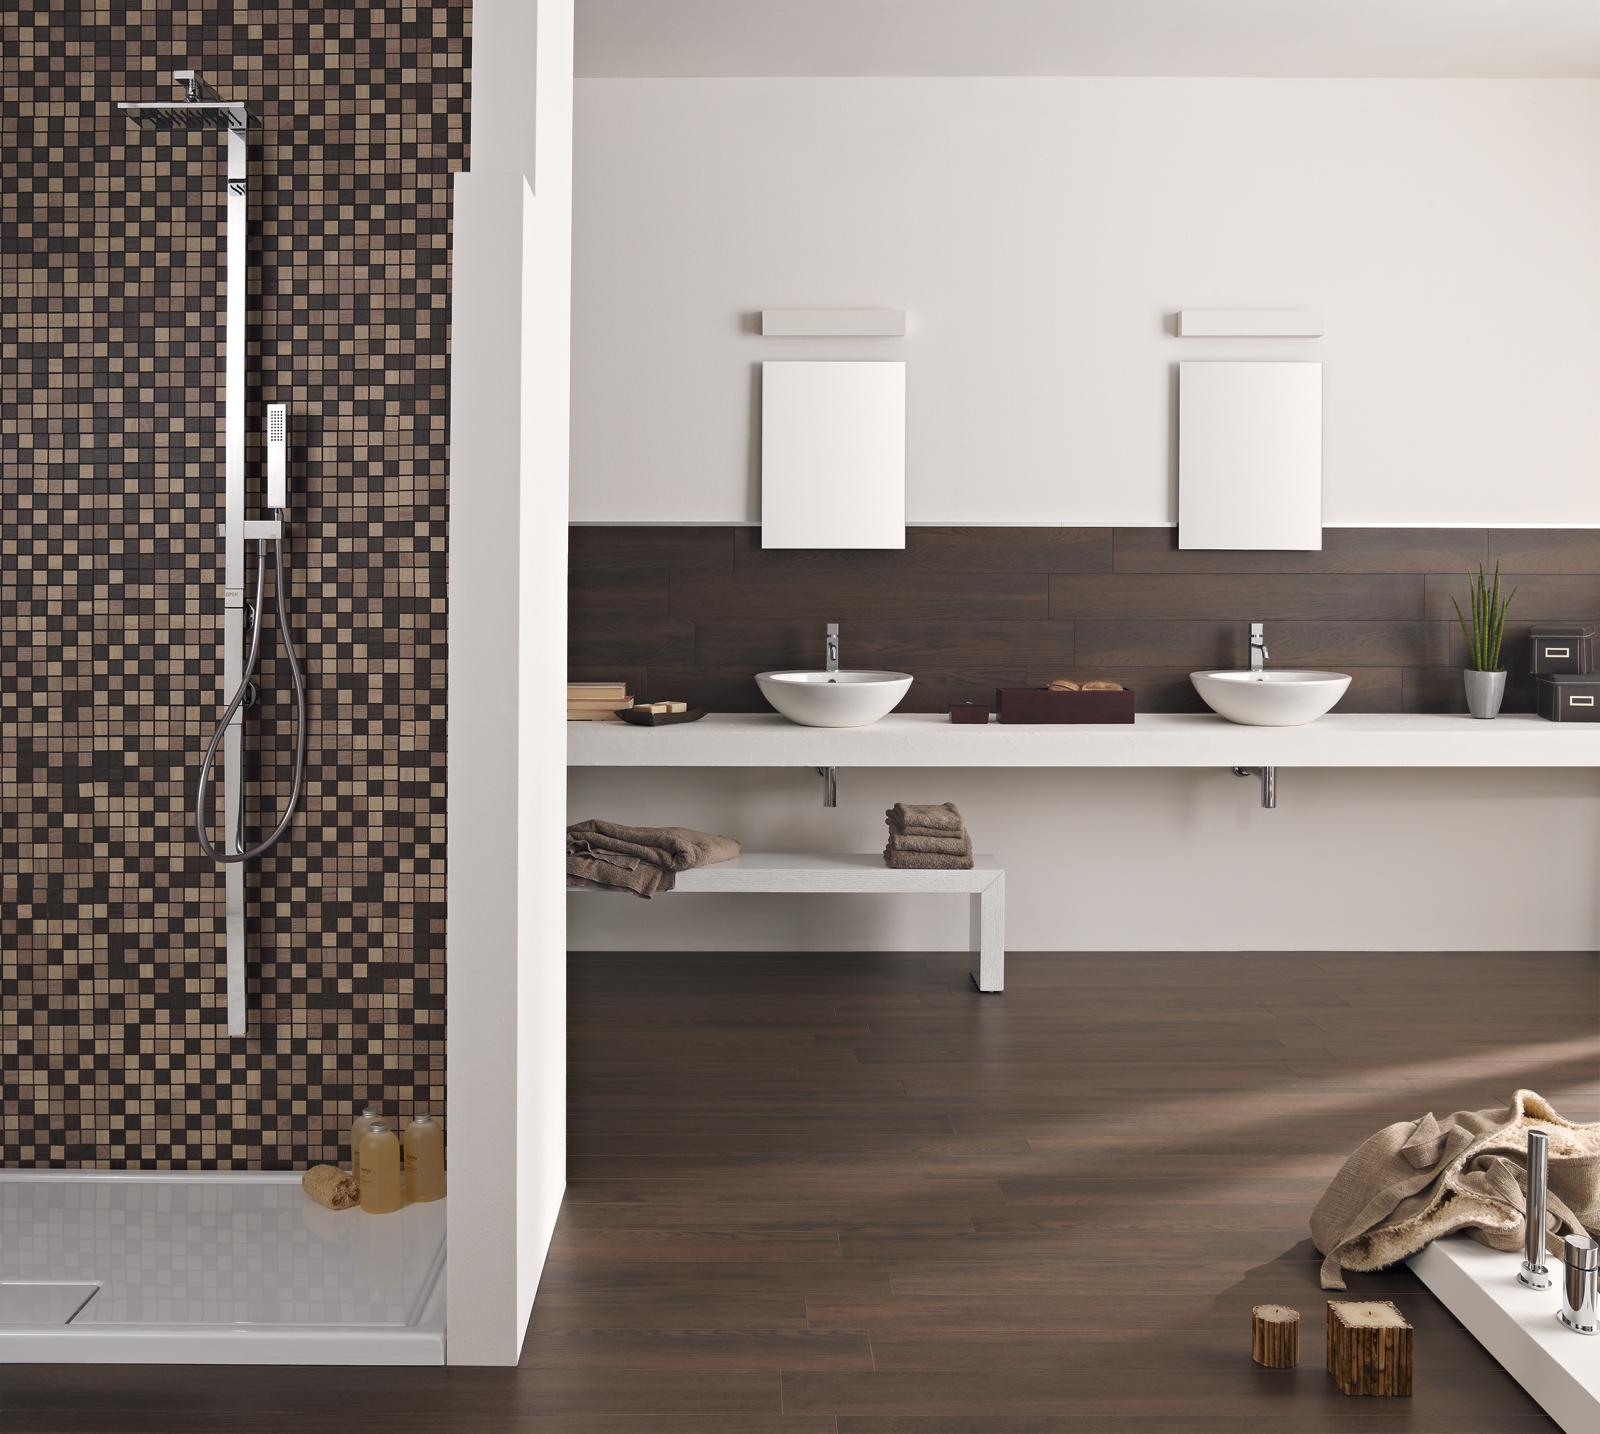 Treverk gres fine porcellanato effetto legno marazzi for Gres ceramique carrelage